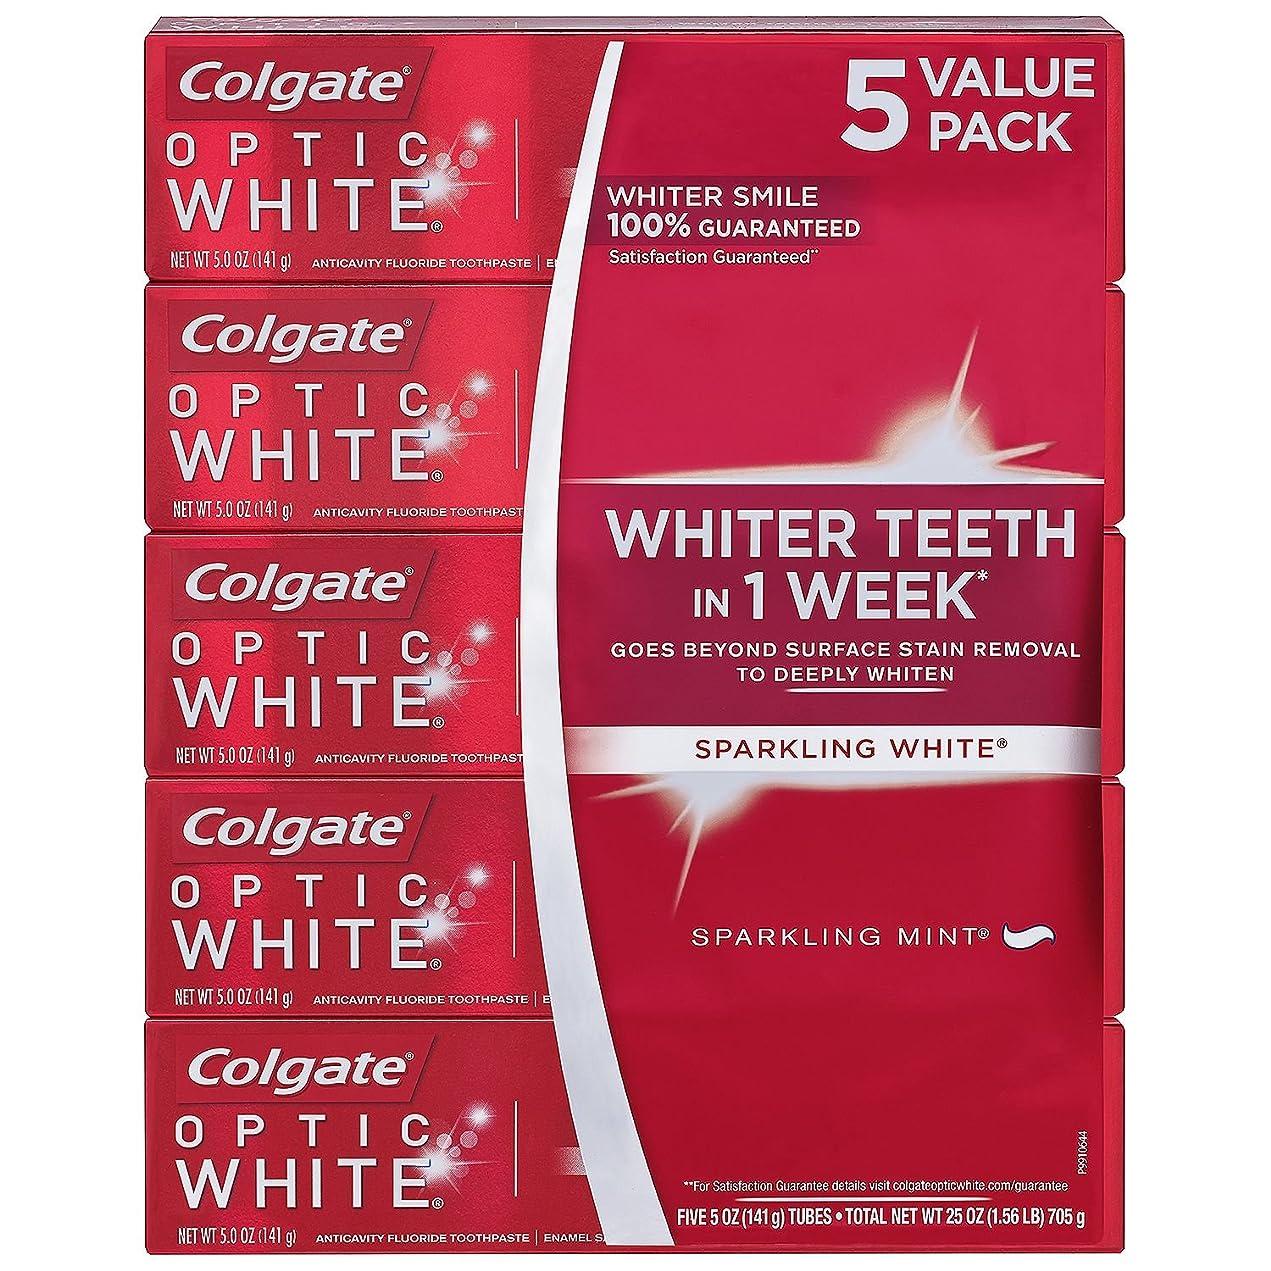 検査肉取り囲む海外直送品 Colgate Optic White コルゲート オプティック ホワイト スパークリングミント141g ×5本 [Pack of 5]